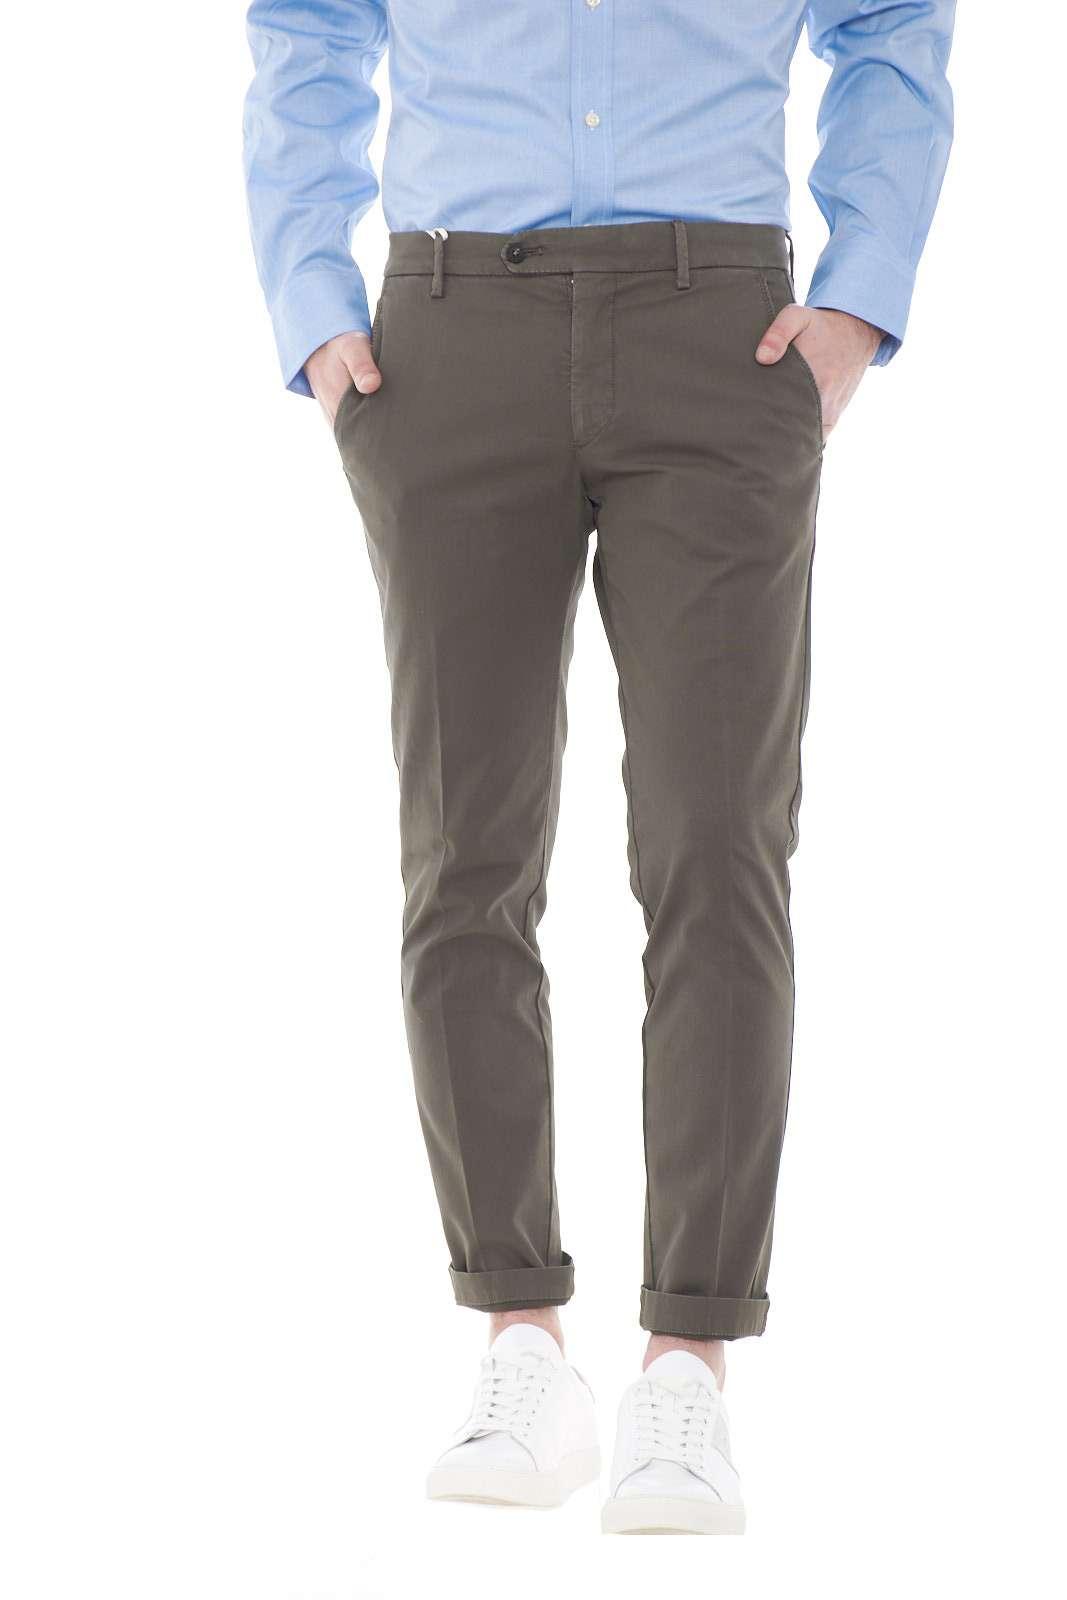 Lasciati conquistare dai nuovi pantaloni uomo modello Brad firmato dalla collezione uomo Michael Coal. Il meglio del Made in Italy per un pantalone facile e versatile. Il tessuto in gabardina di cotone slim fit esalta la figura per renderlo unico sia con una camicia che con una polo.